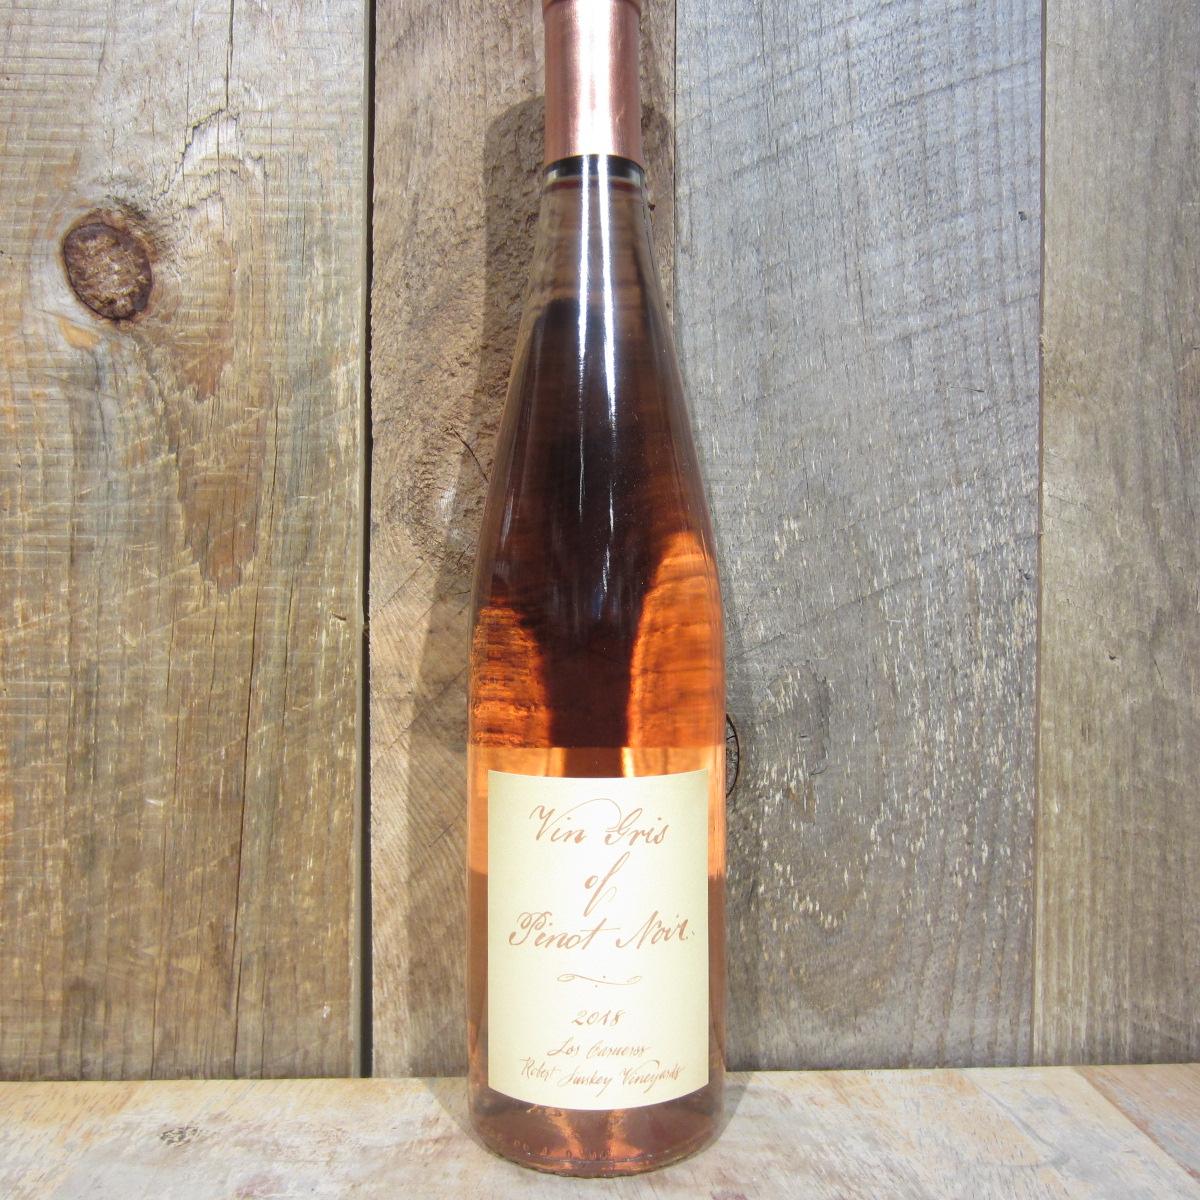 Robert Sinskey Vin Gris Pinot Noir Rose 2019 750ml